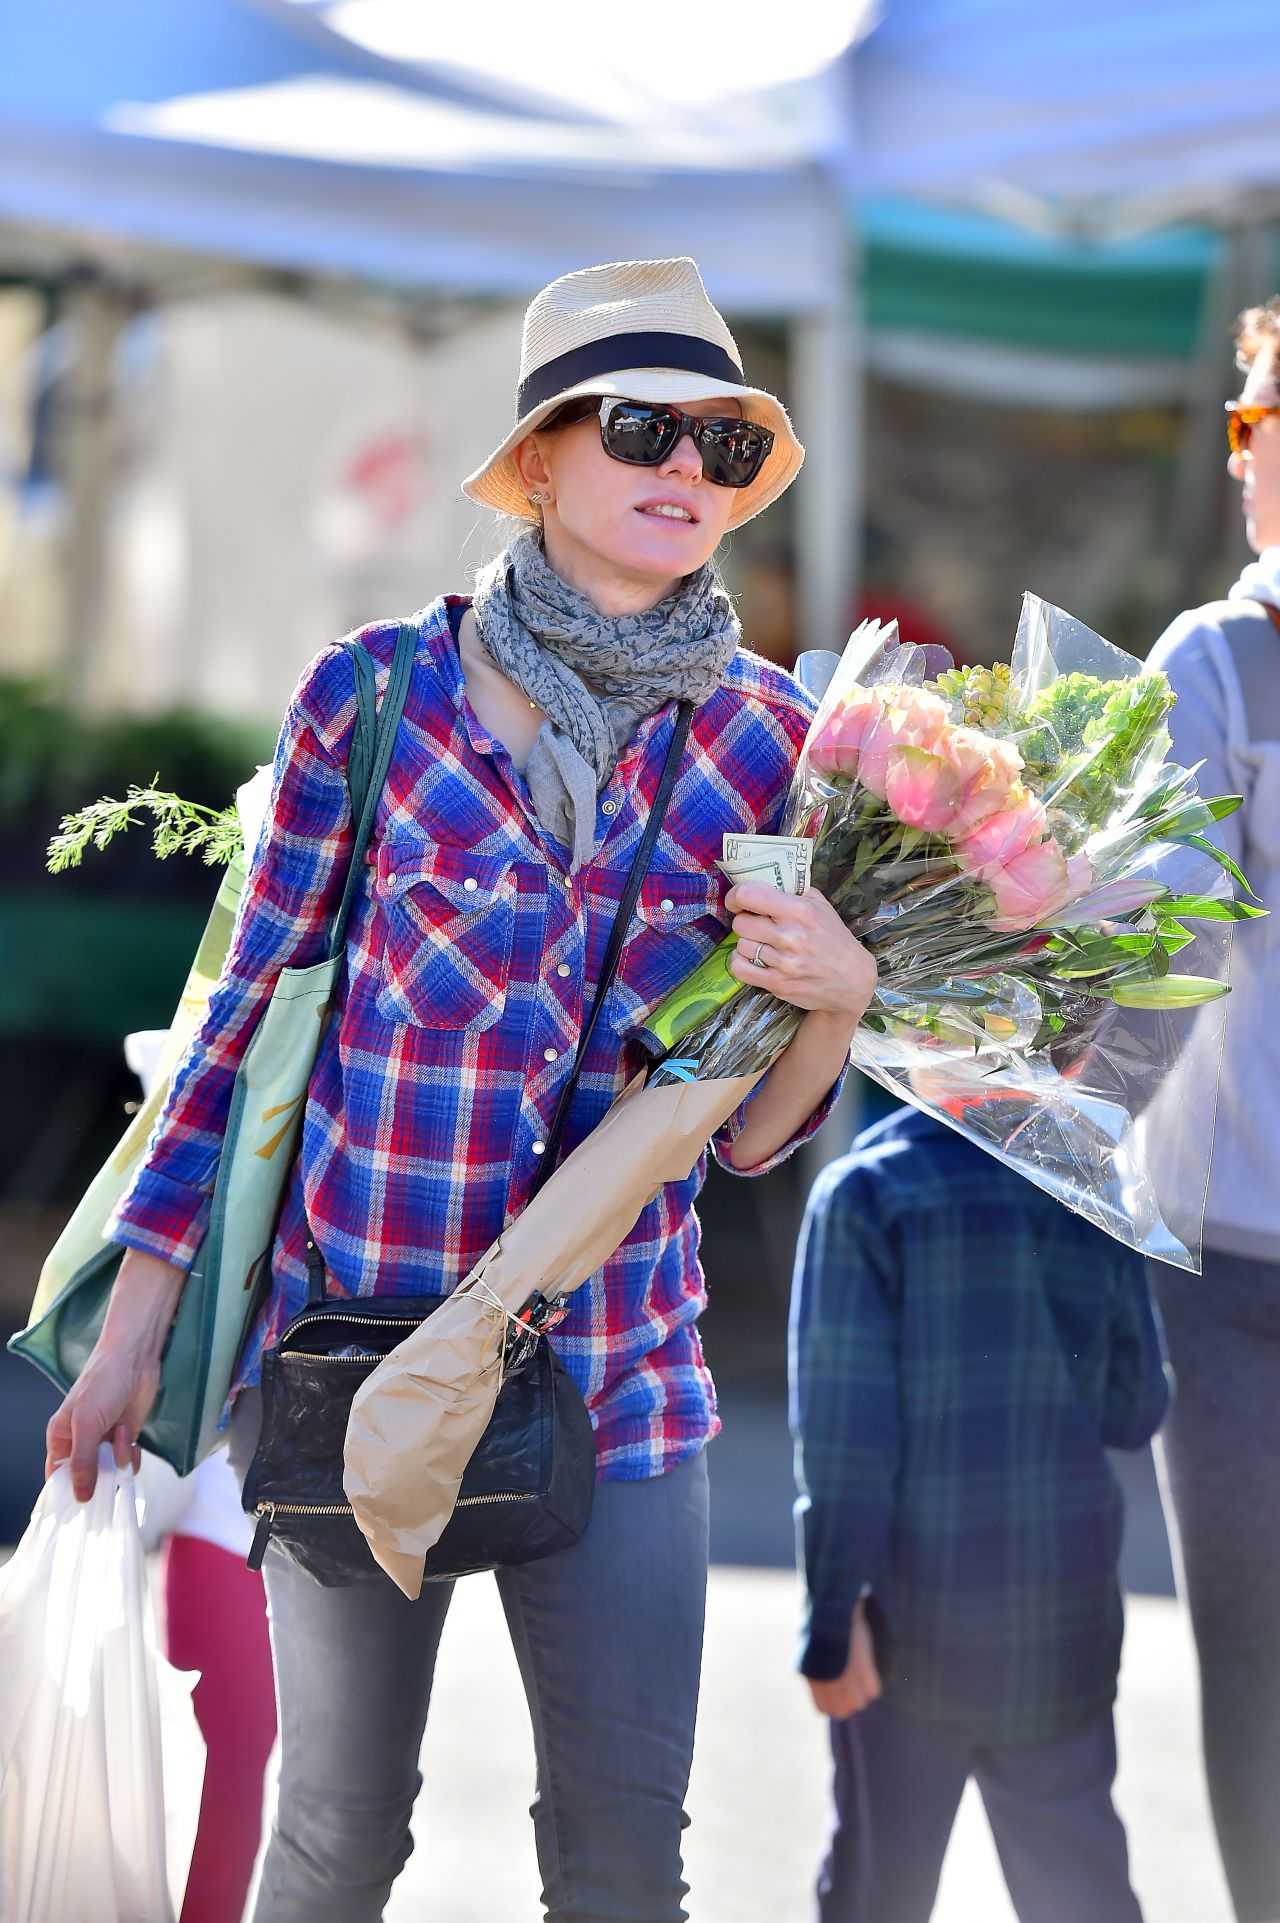 Naomi Watts at Farmer